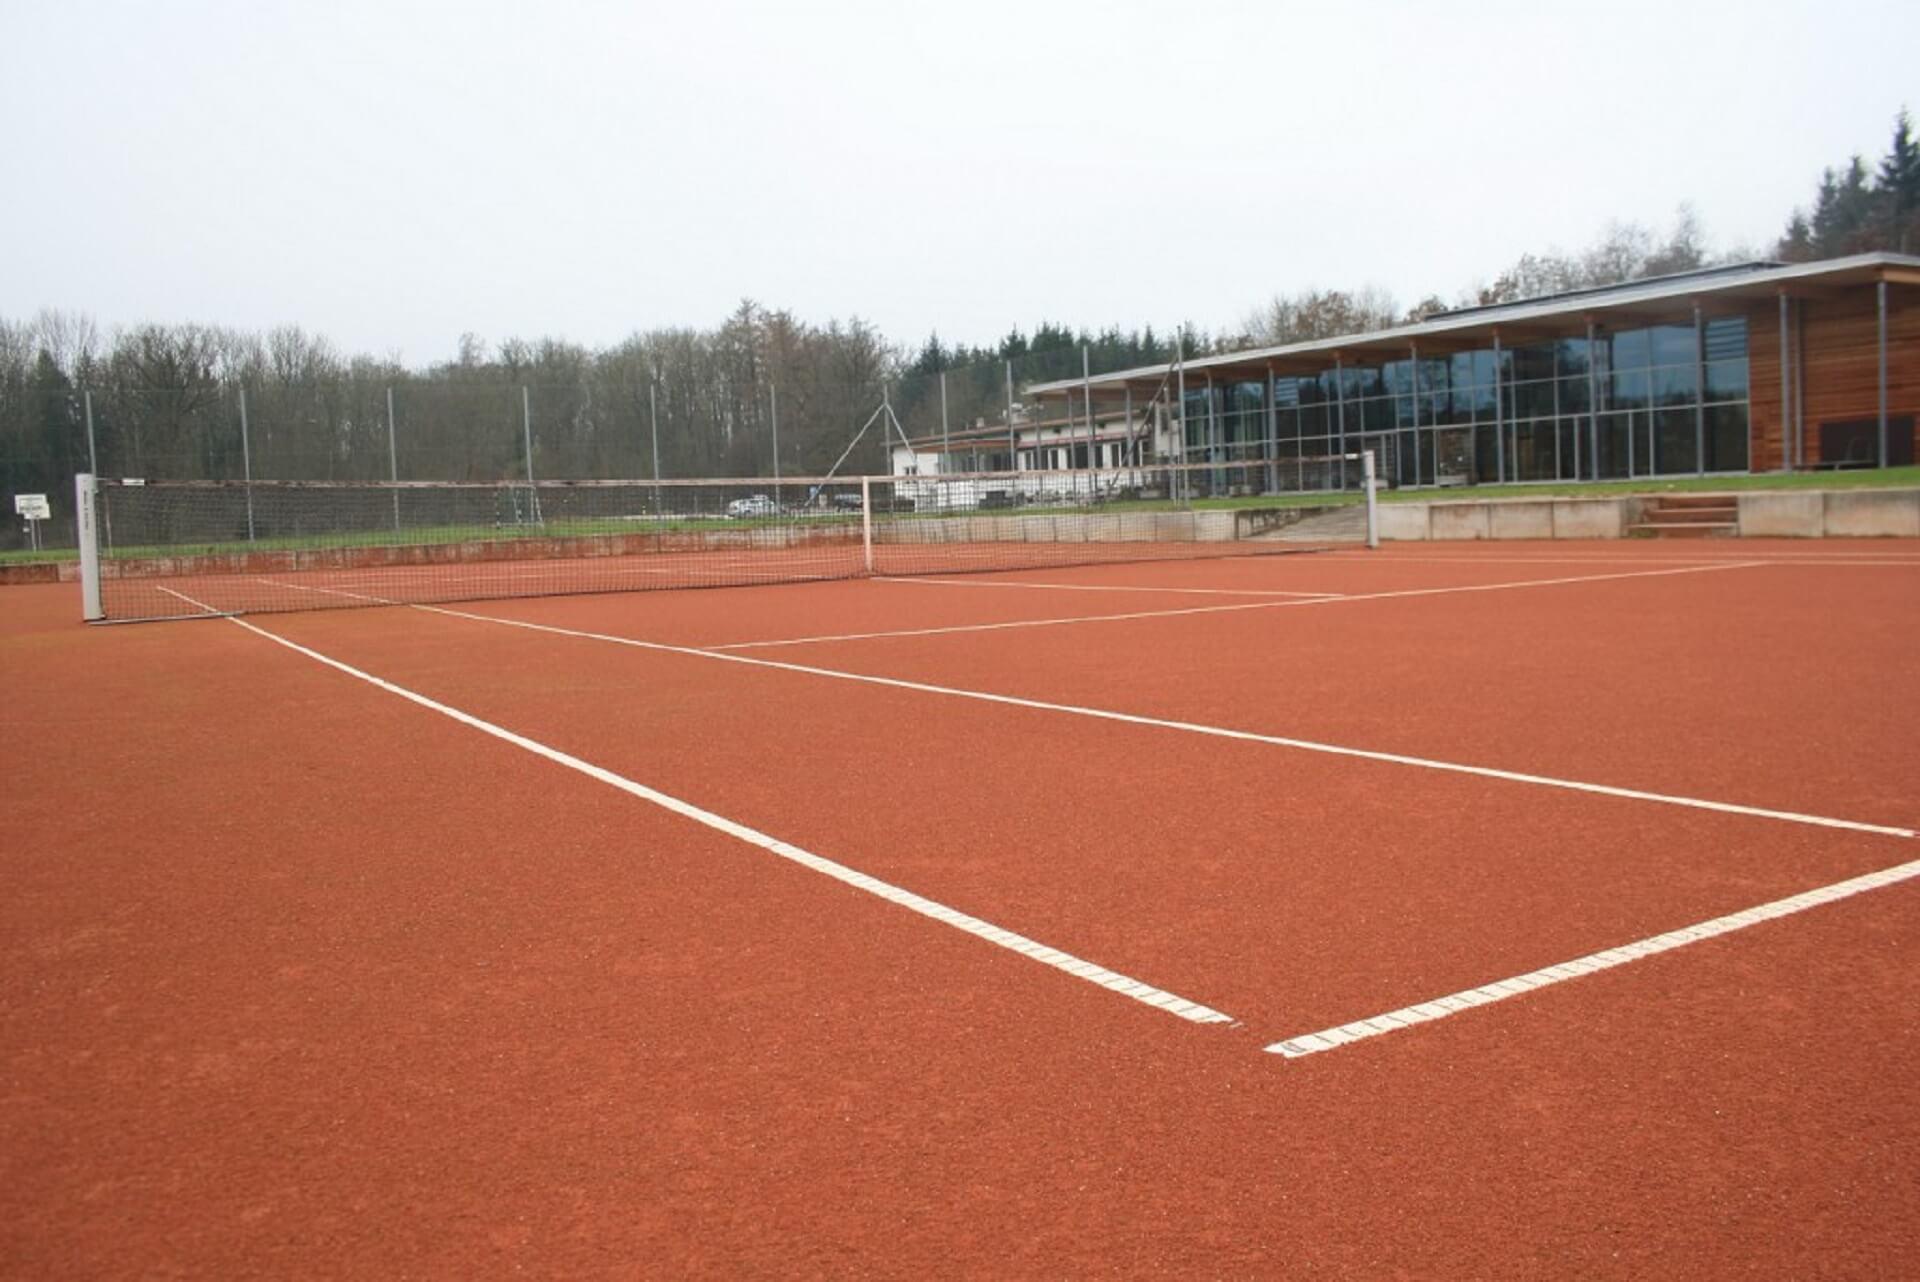 Tennisplatz mit anliegender Sporthalle